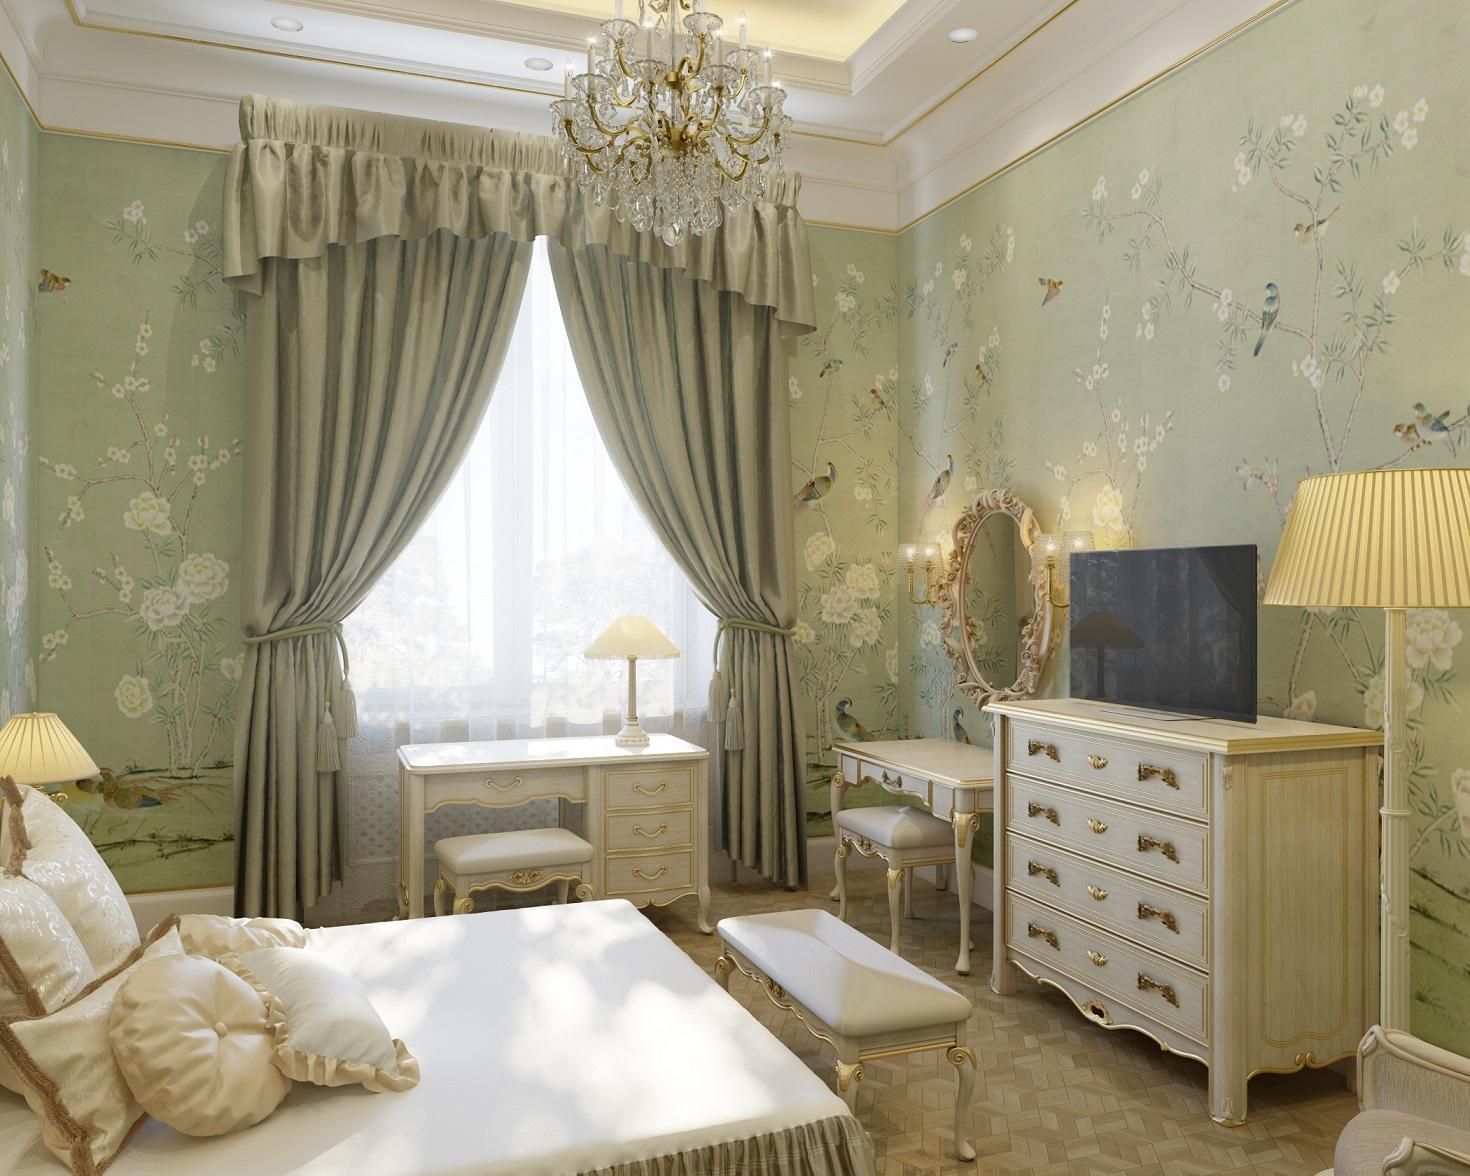 Интерьер спальни в классическом стиле в романовом переулке дом 5